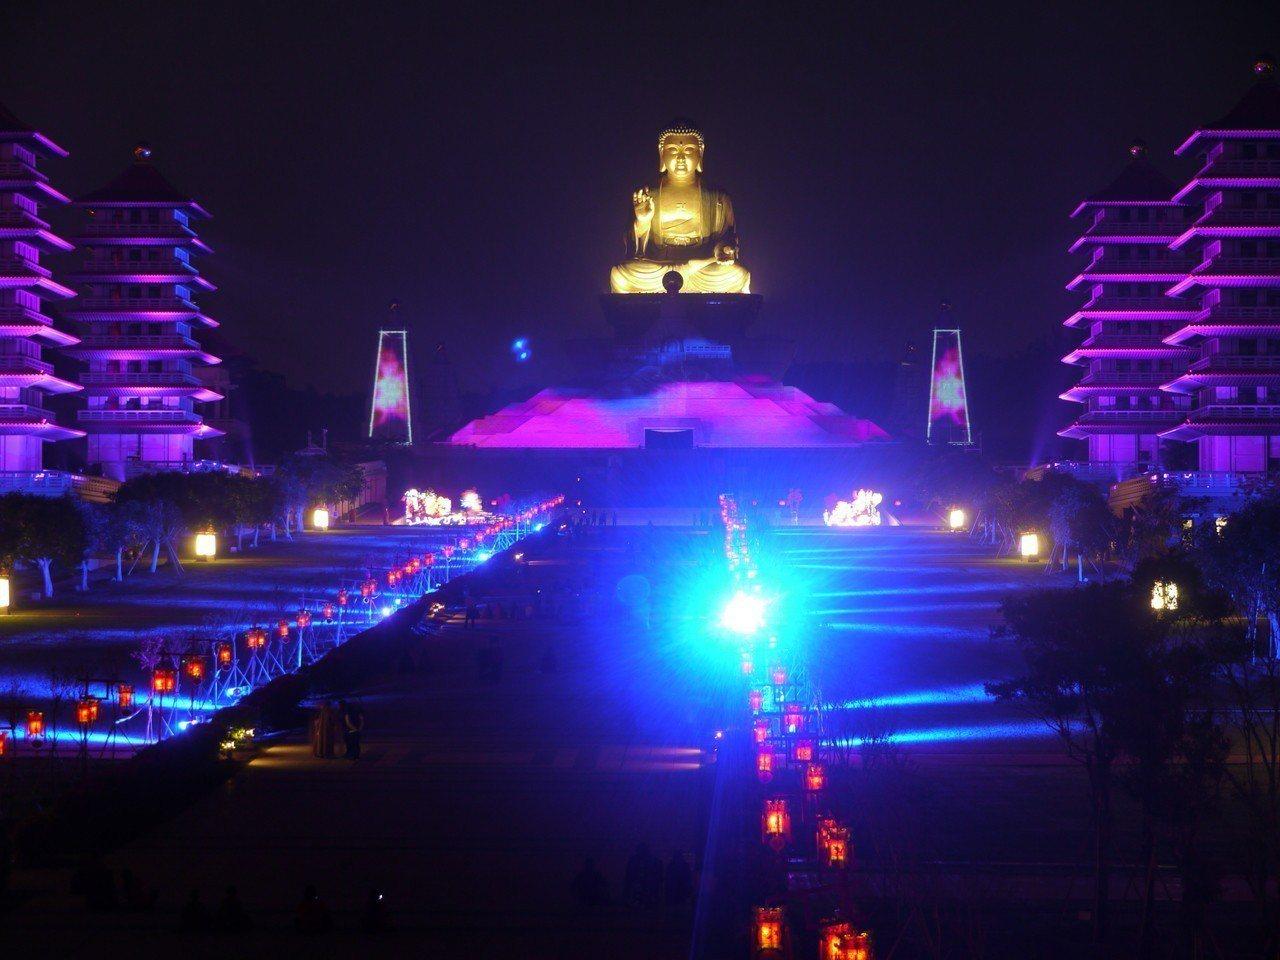 佛陀紀念館是南台灣著名的宗教勝地,每年春節期間遊客眾多。圖/本報資料照